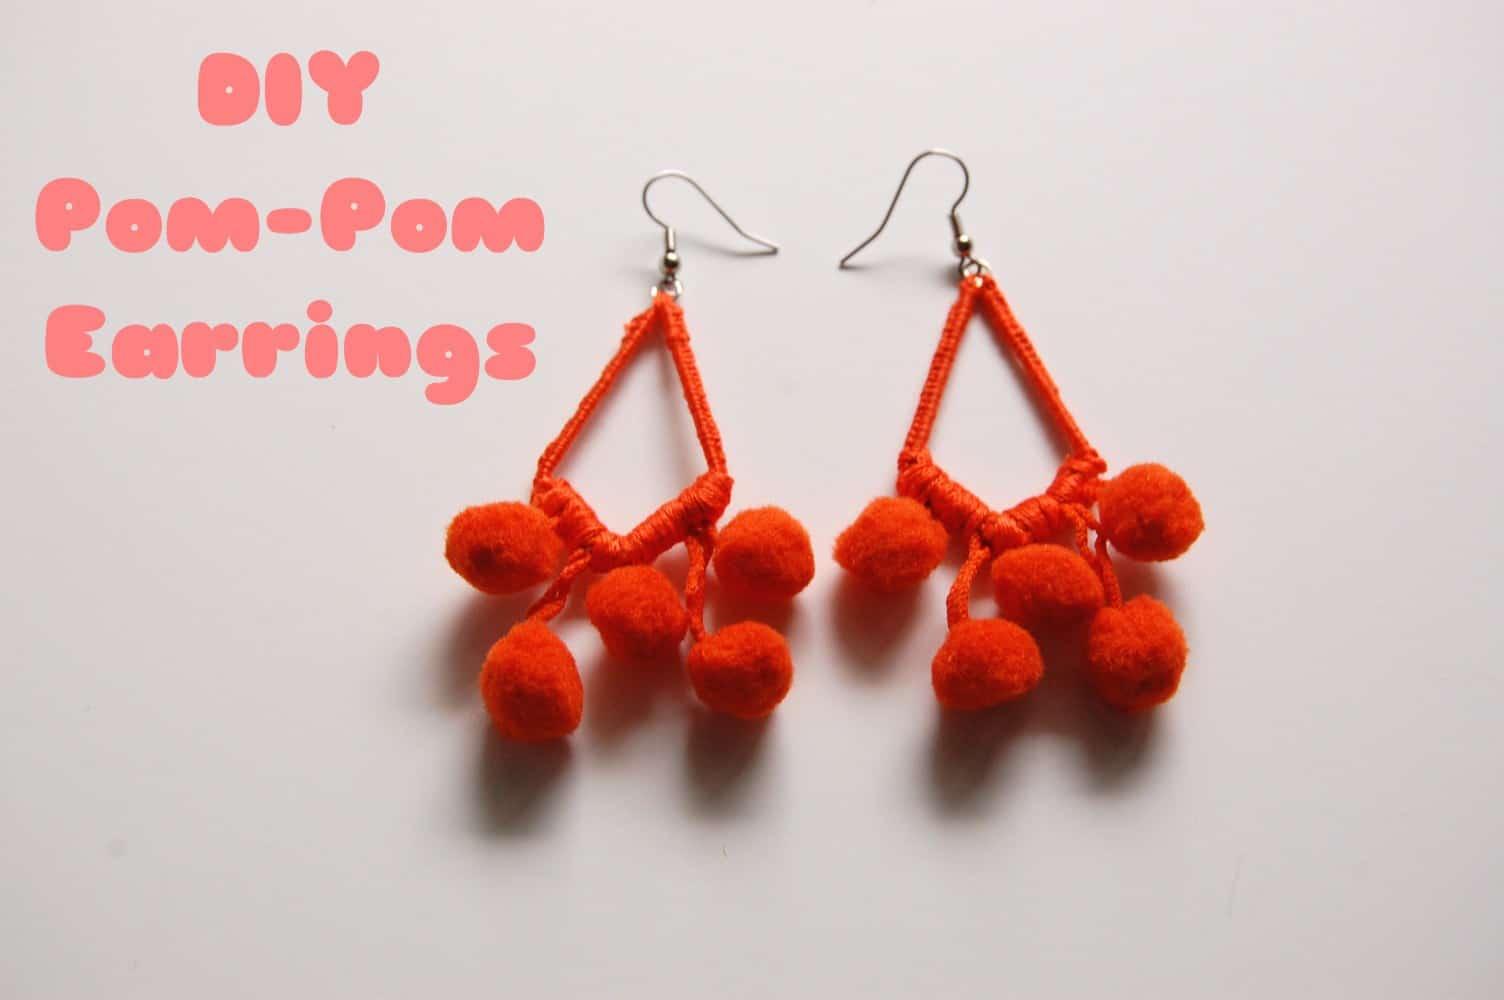 Multi-dangling pom poms